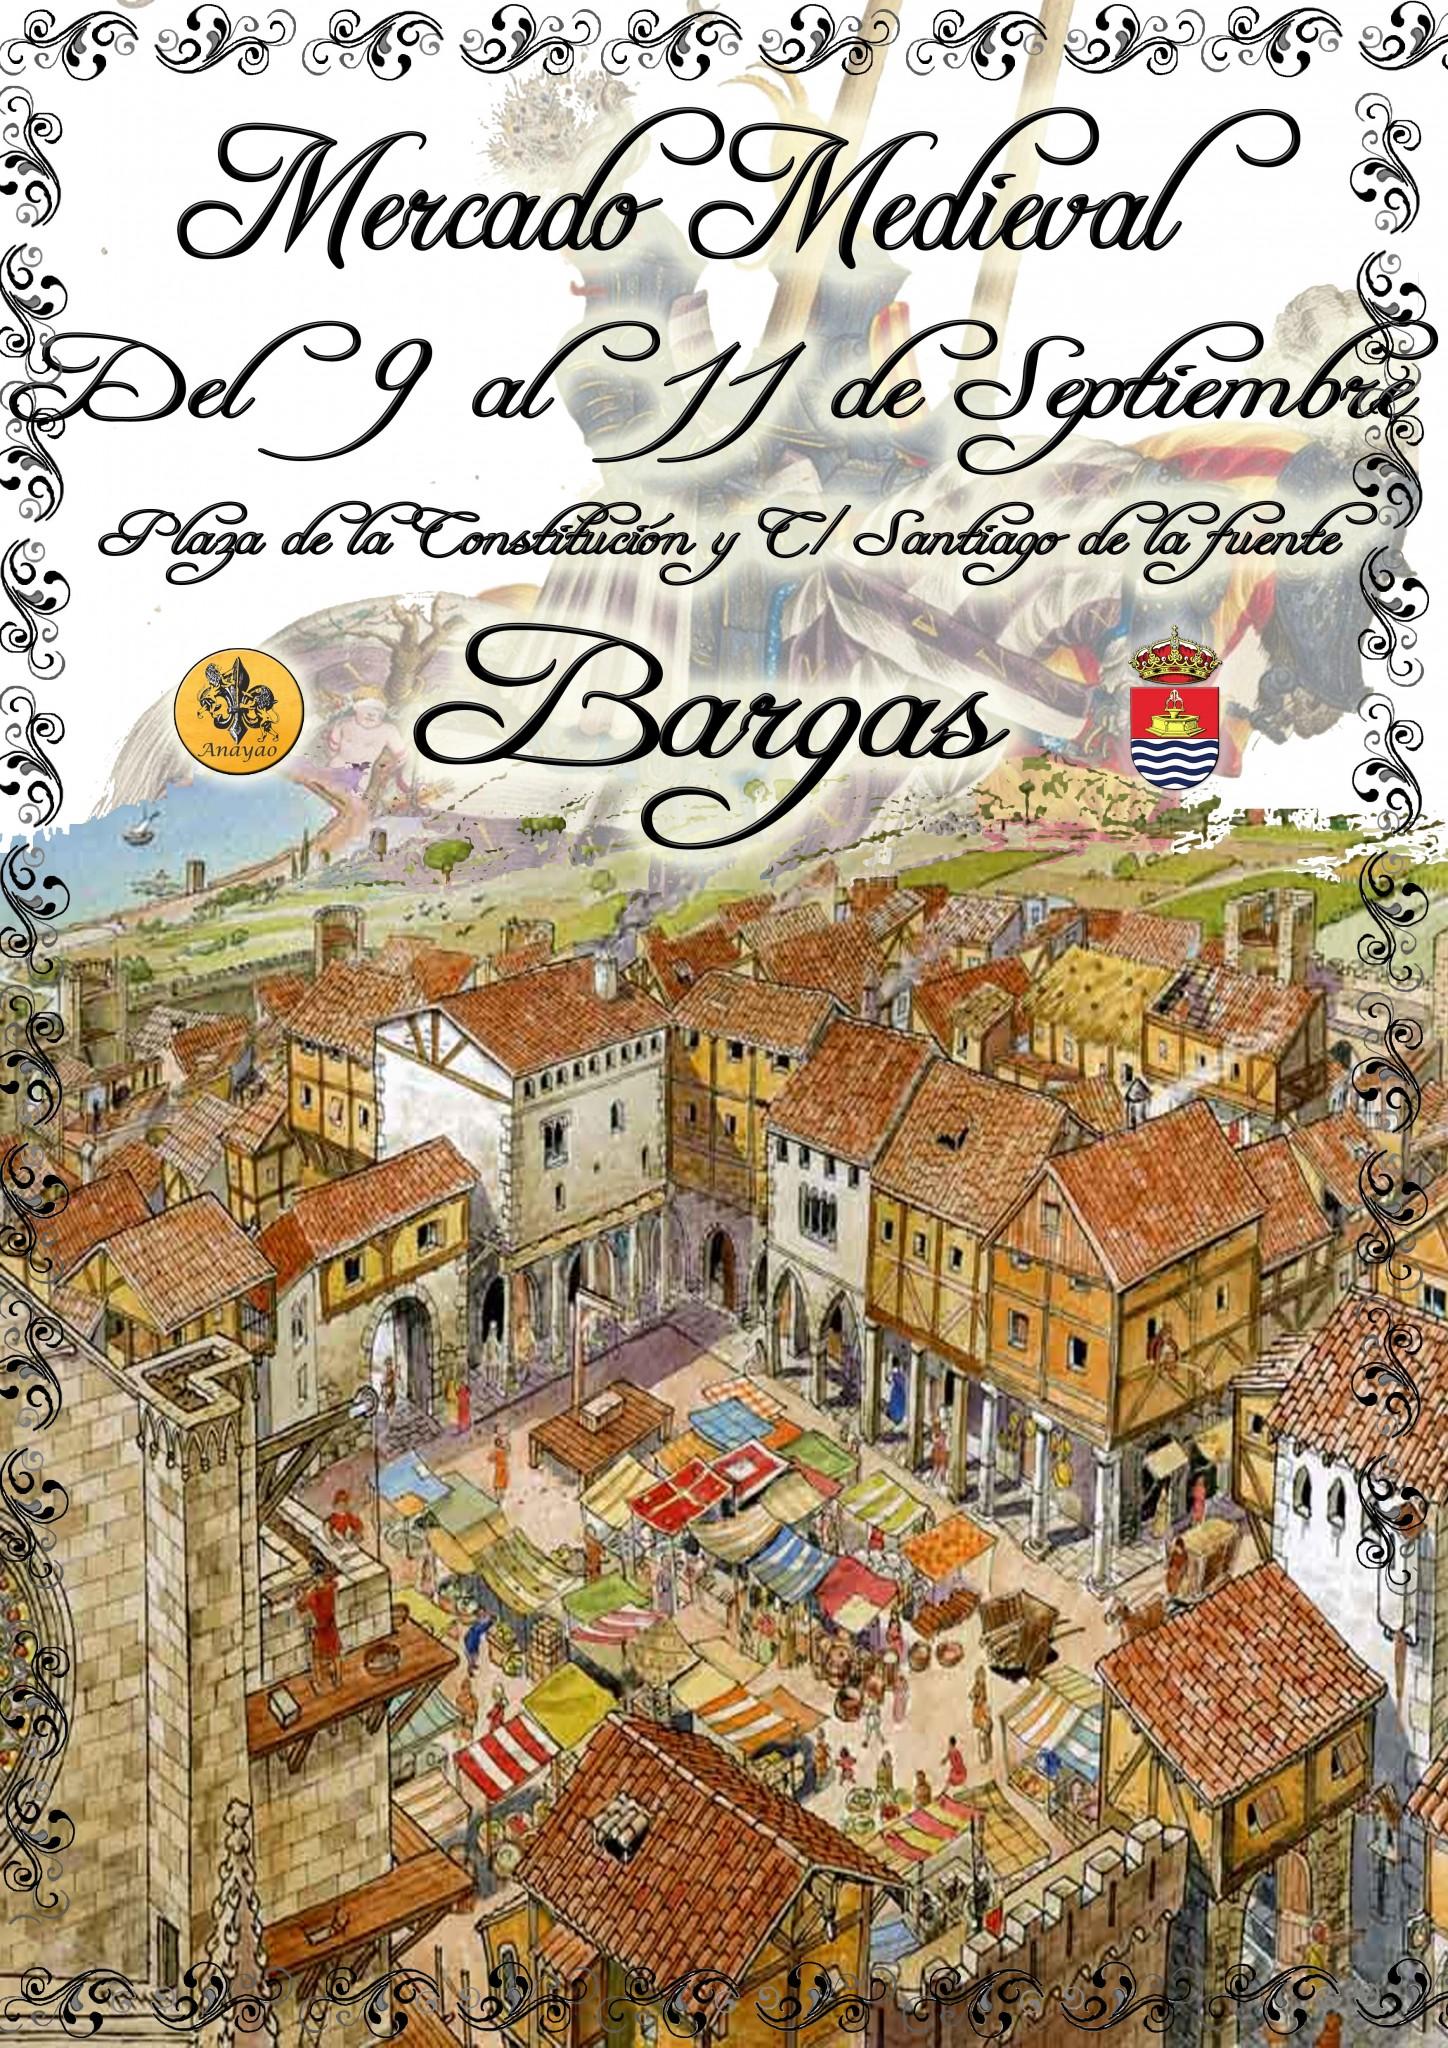 Mercado medieval 2016